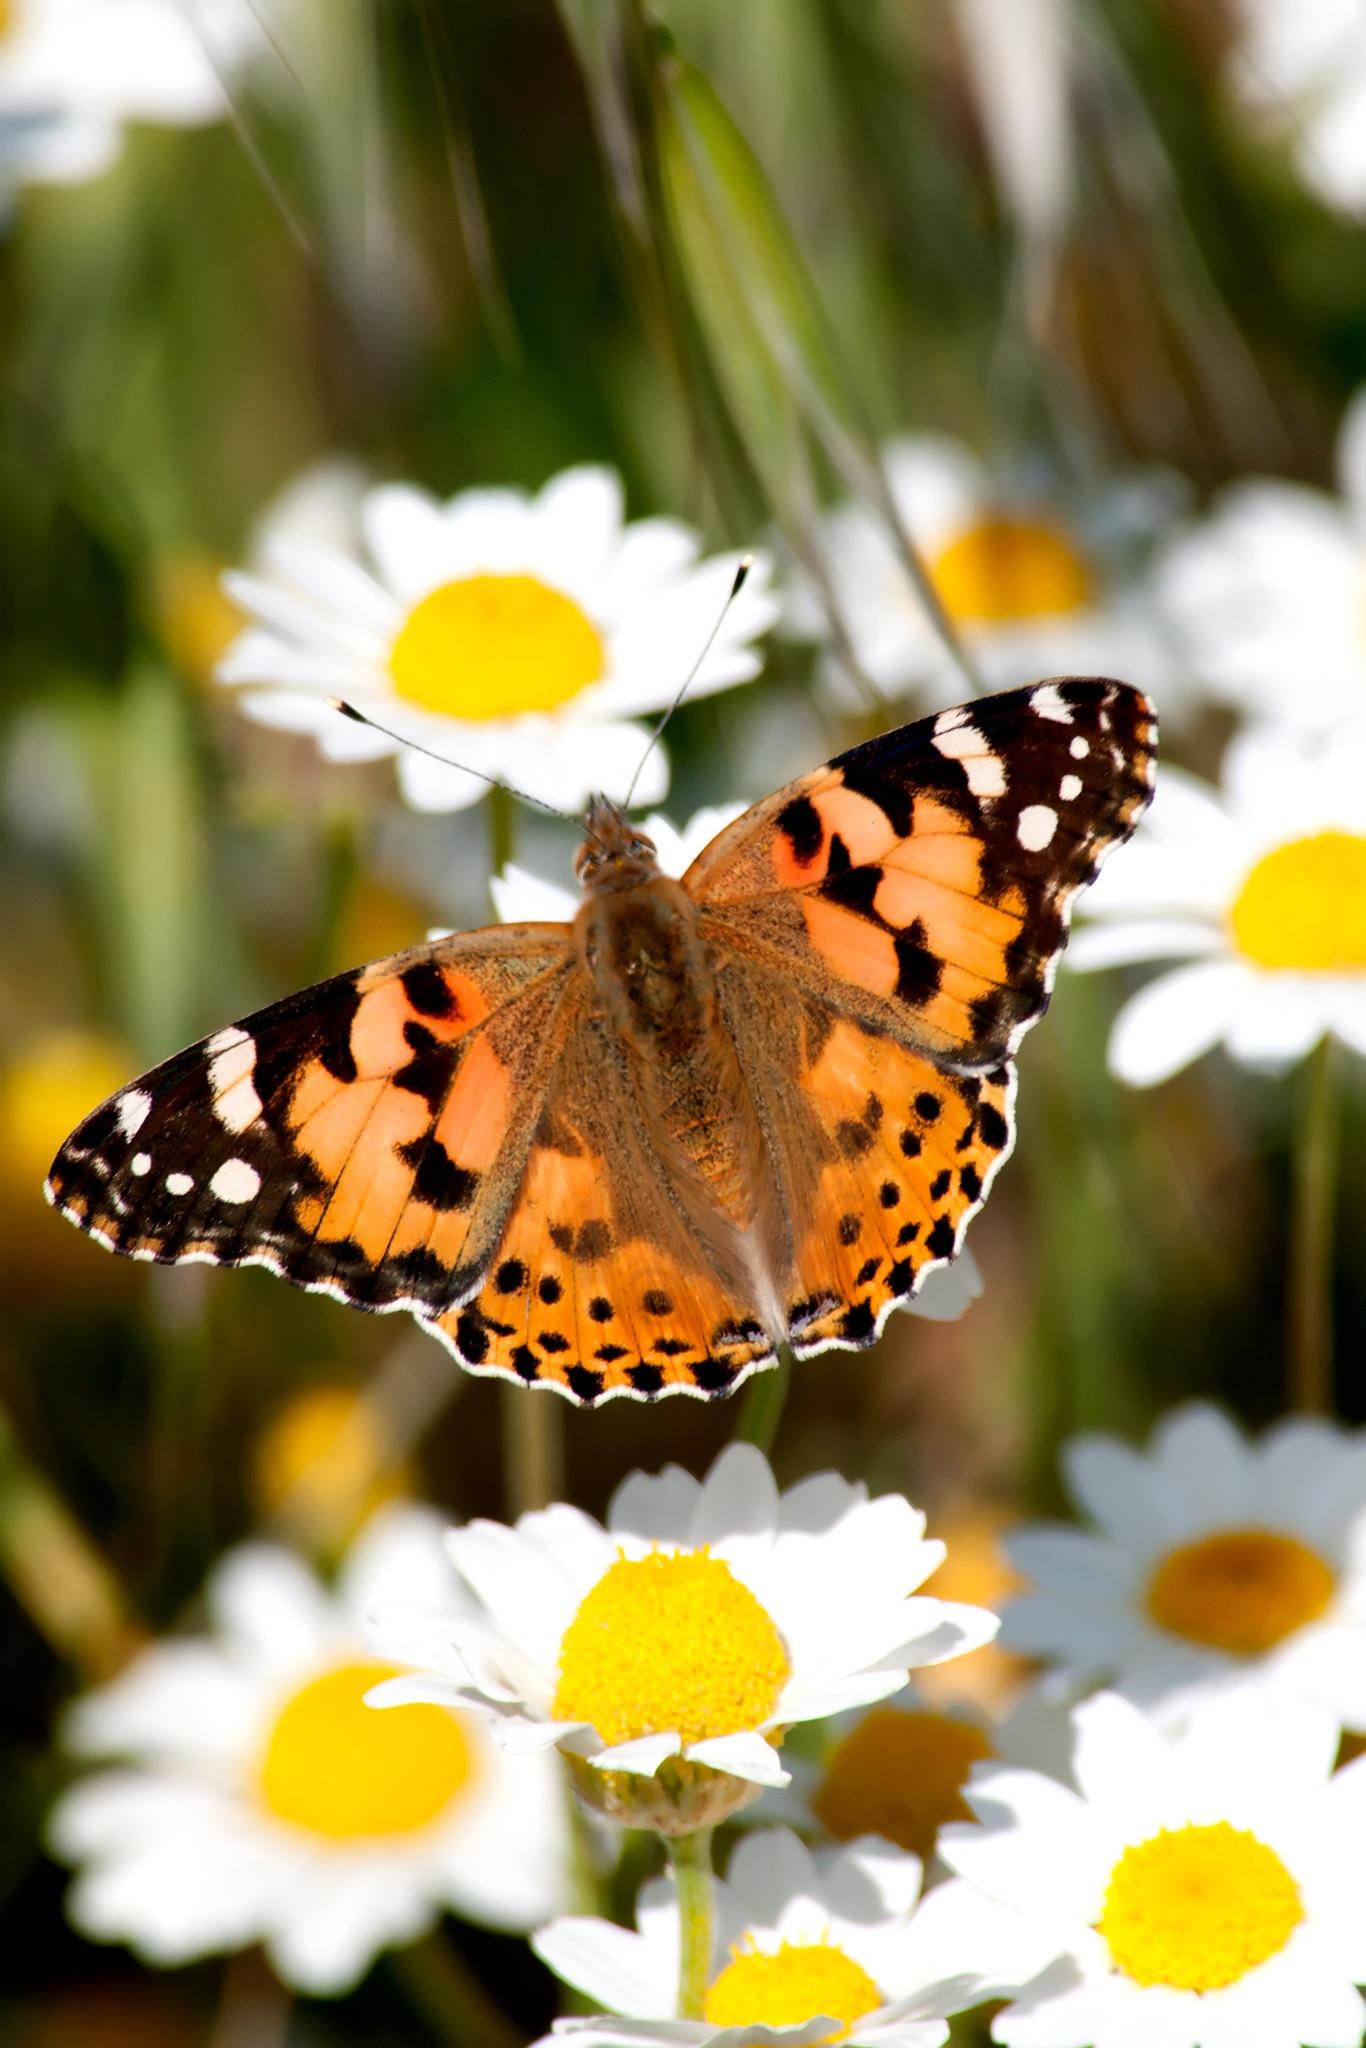 Monarch butterfly on flower by bilgekuzey